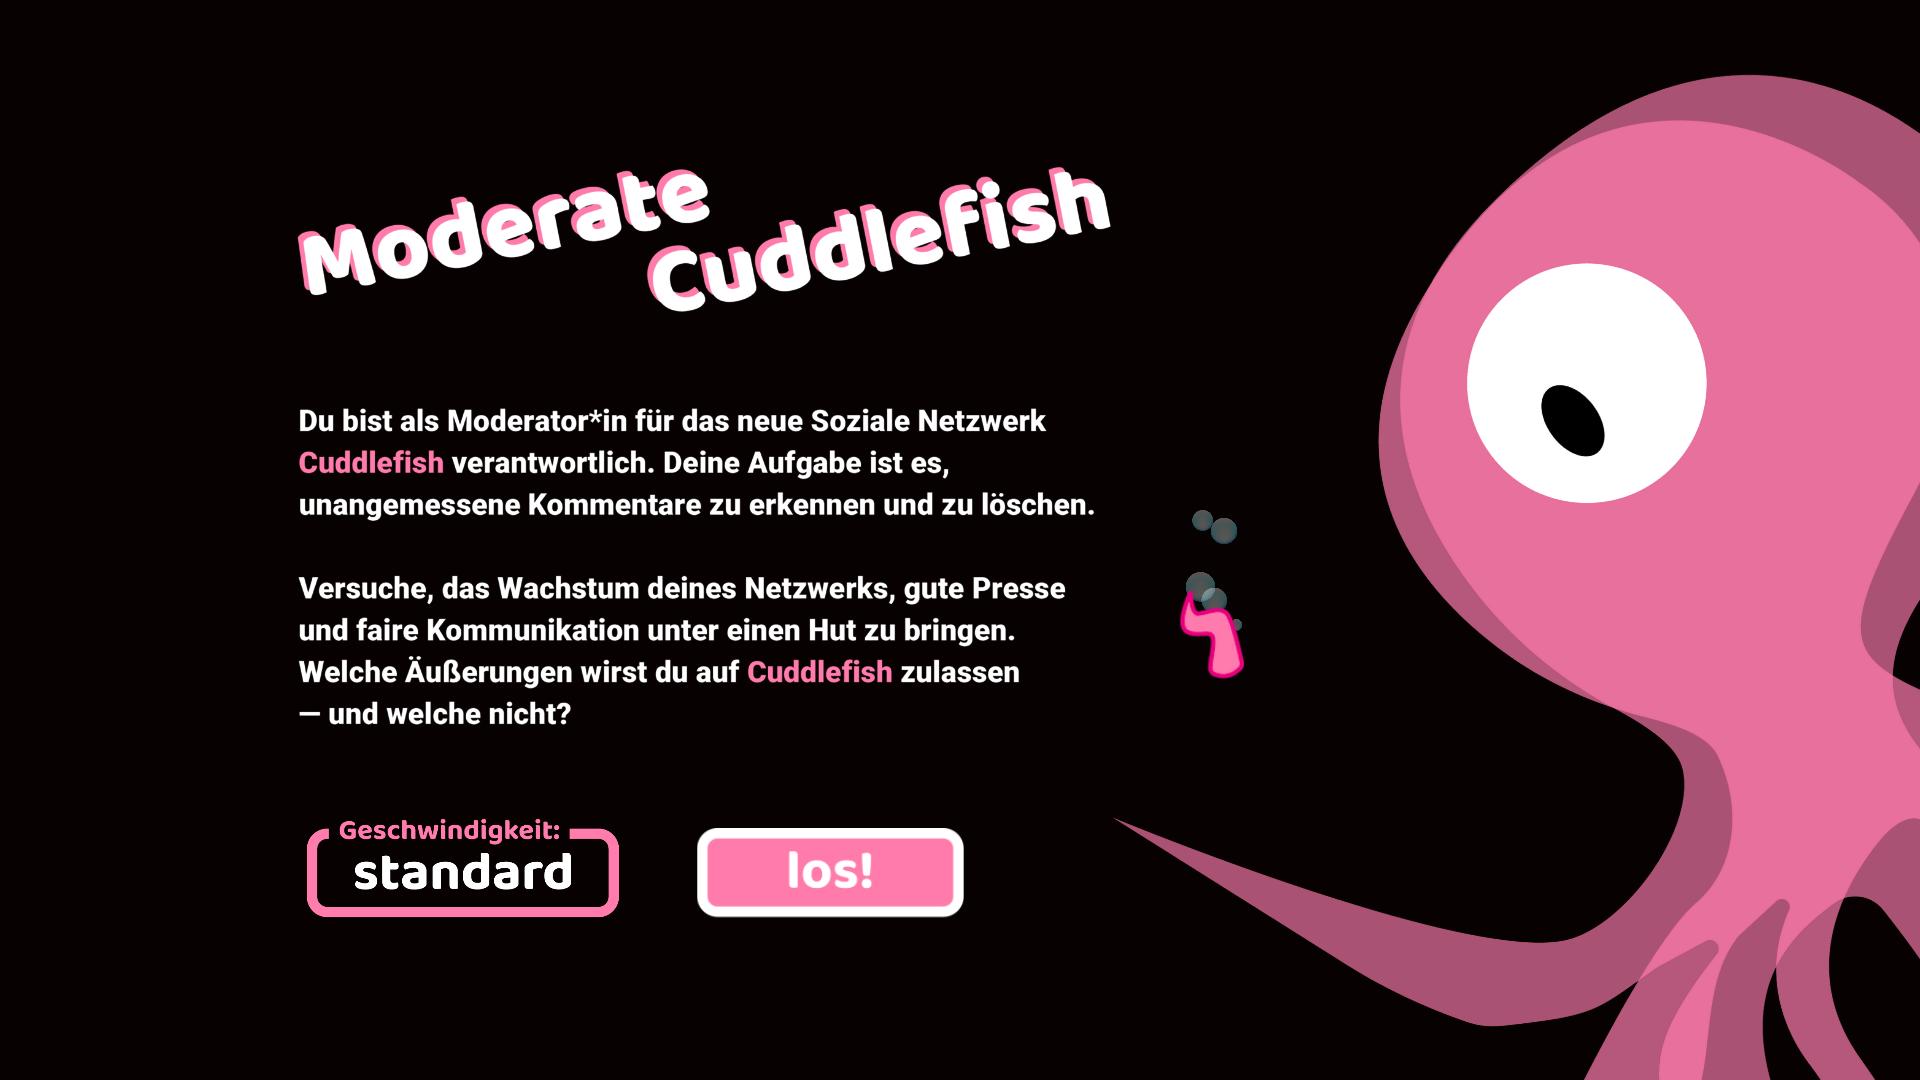 Medienfeedback in Moderate Cuddlefish bei rechter Moderation